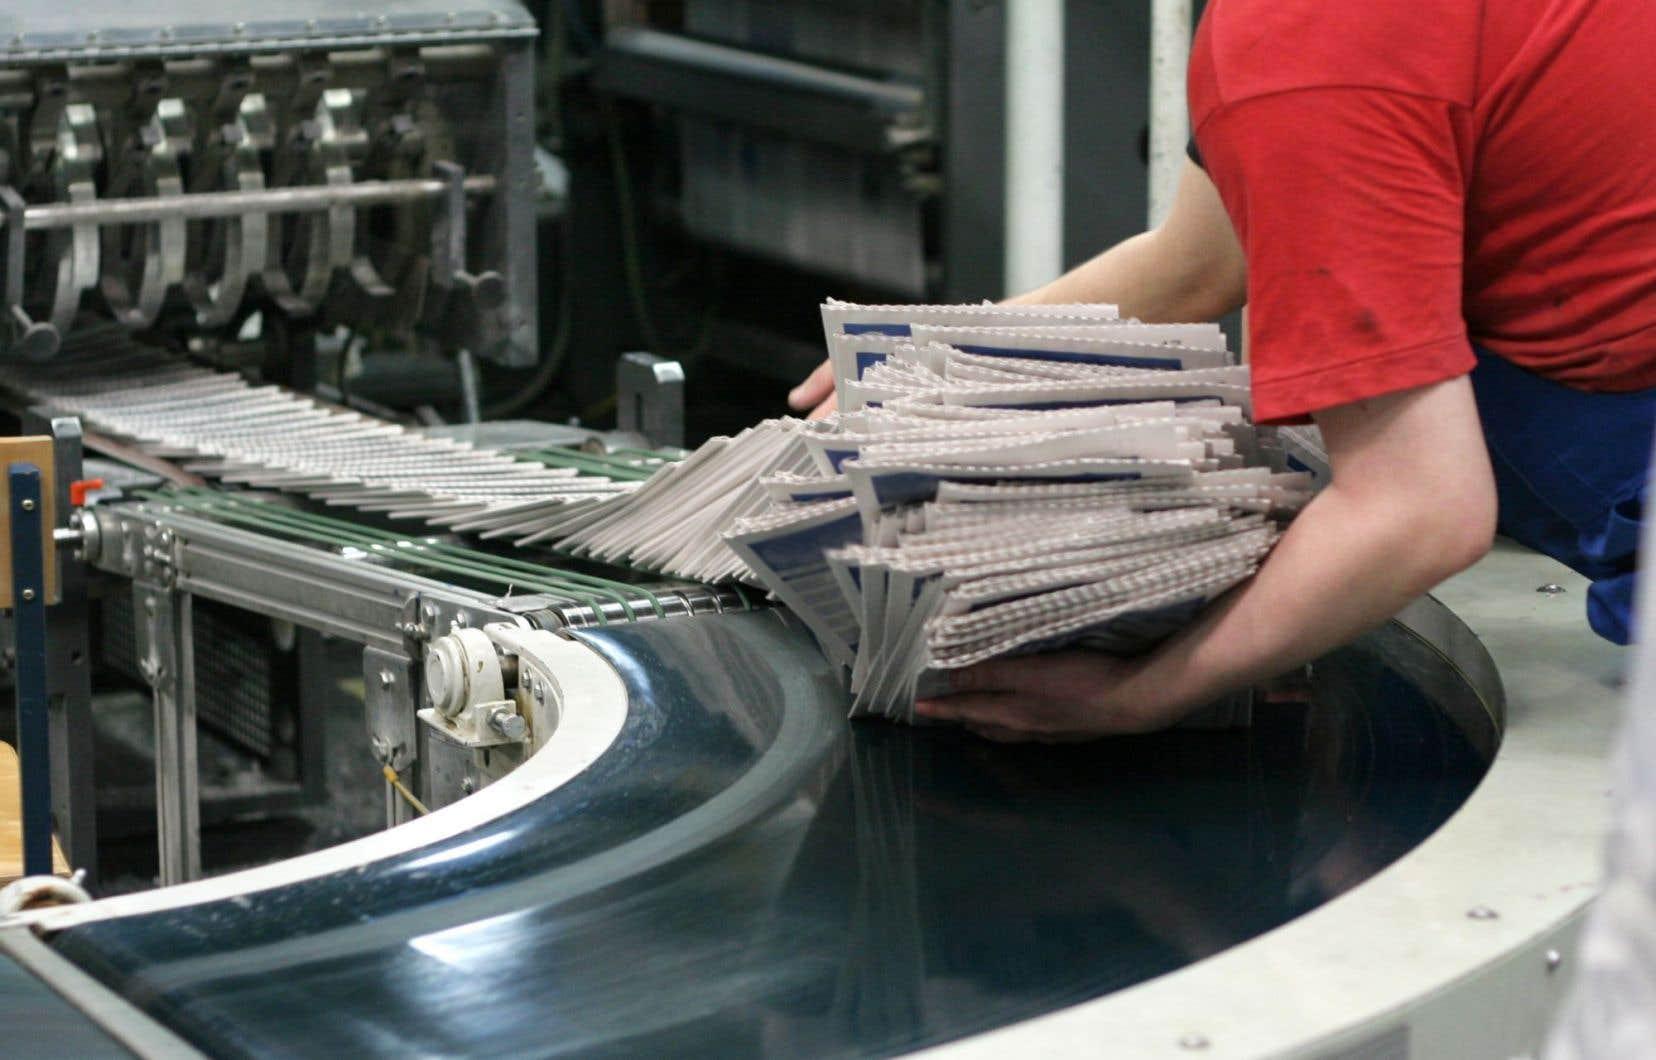 La coalition demande notamment au gouvernement du Québec de «mettre rapidement sur pied un programme d'aide financière temporaire de cinq ans pour les journaux».